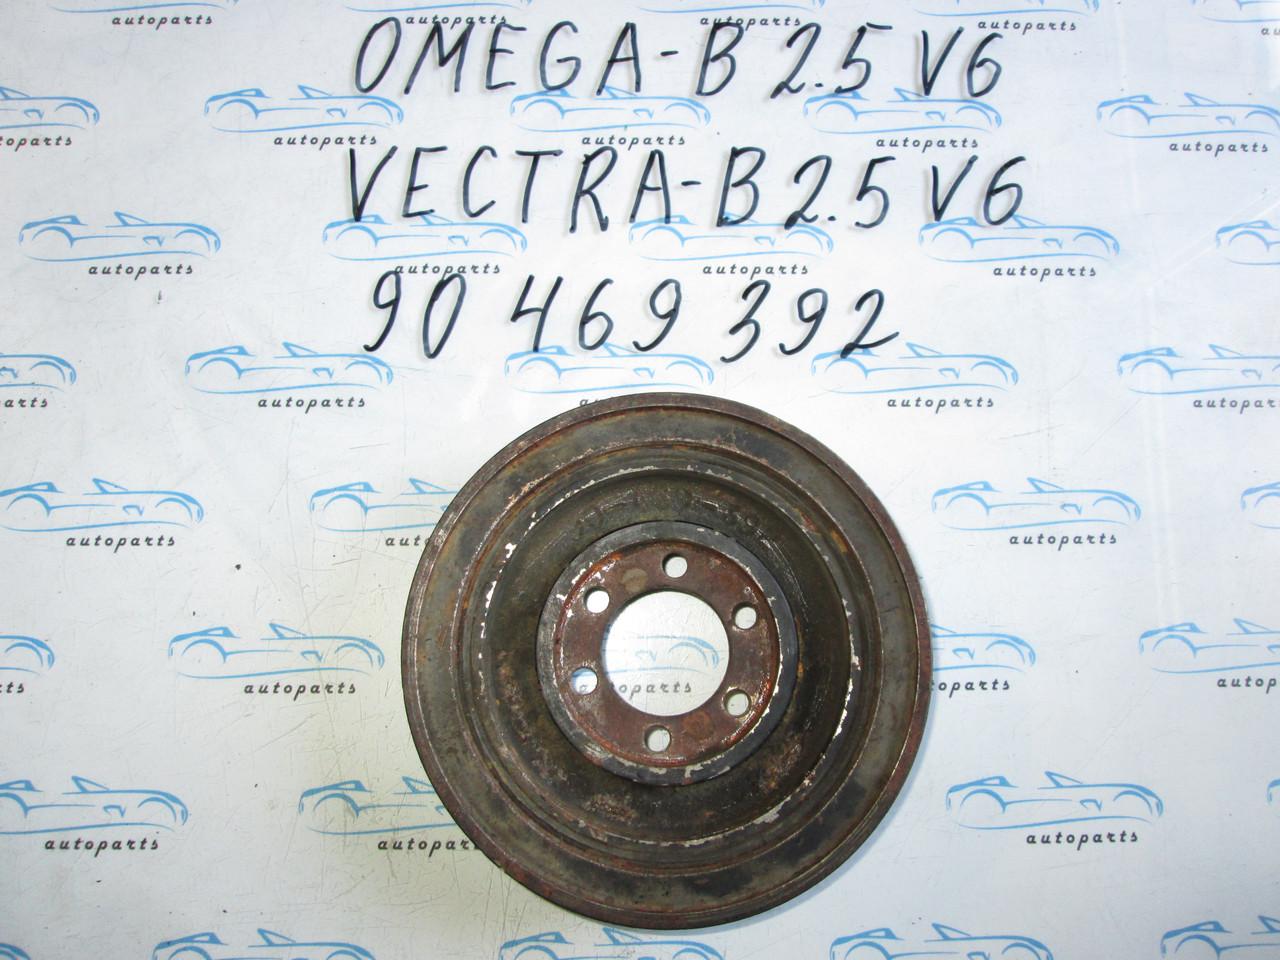 Шкив коленвала Omega B 2.5 V6, X25XE, 90469392